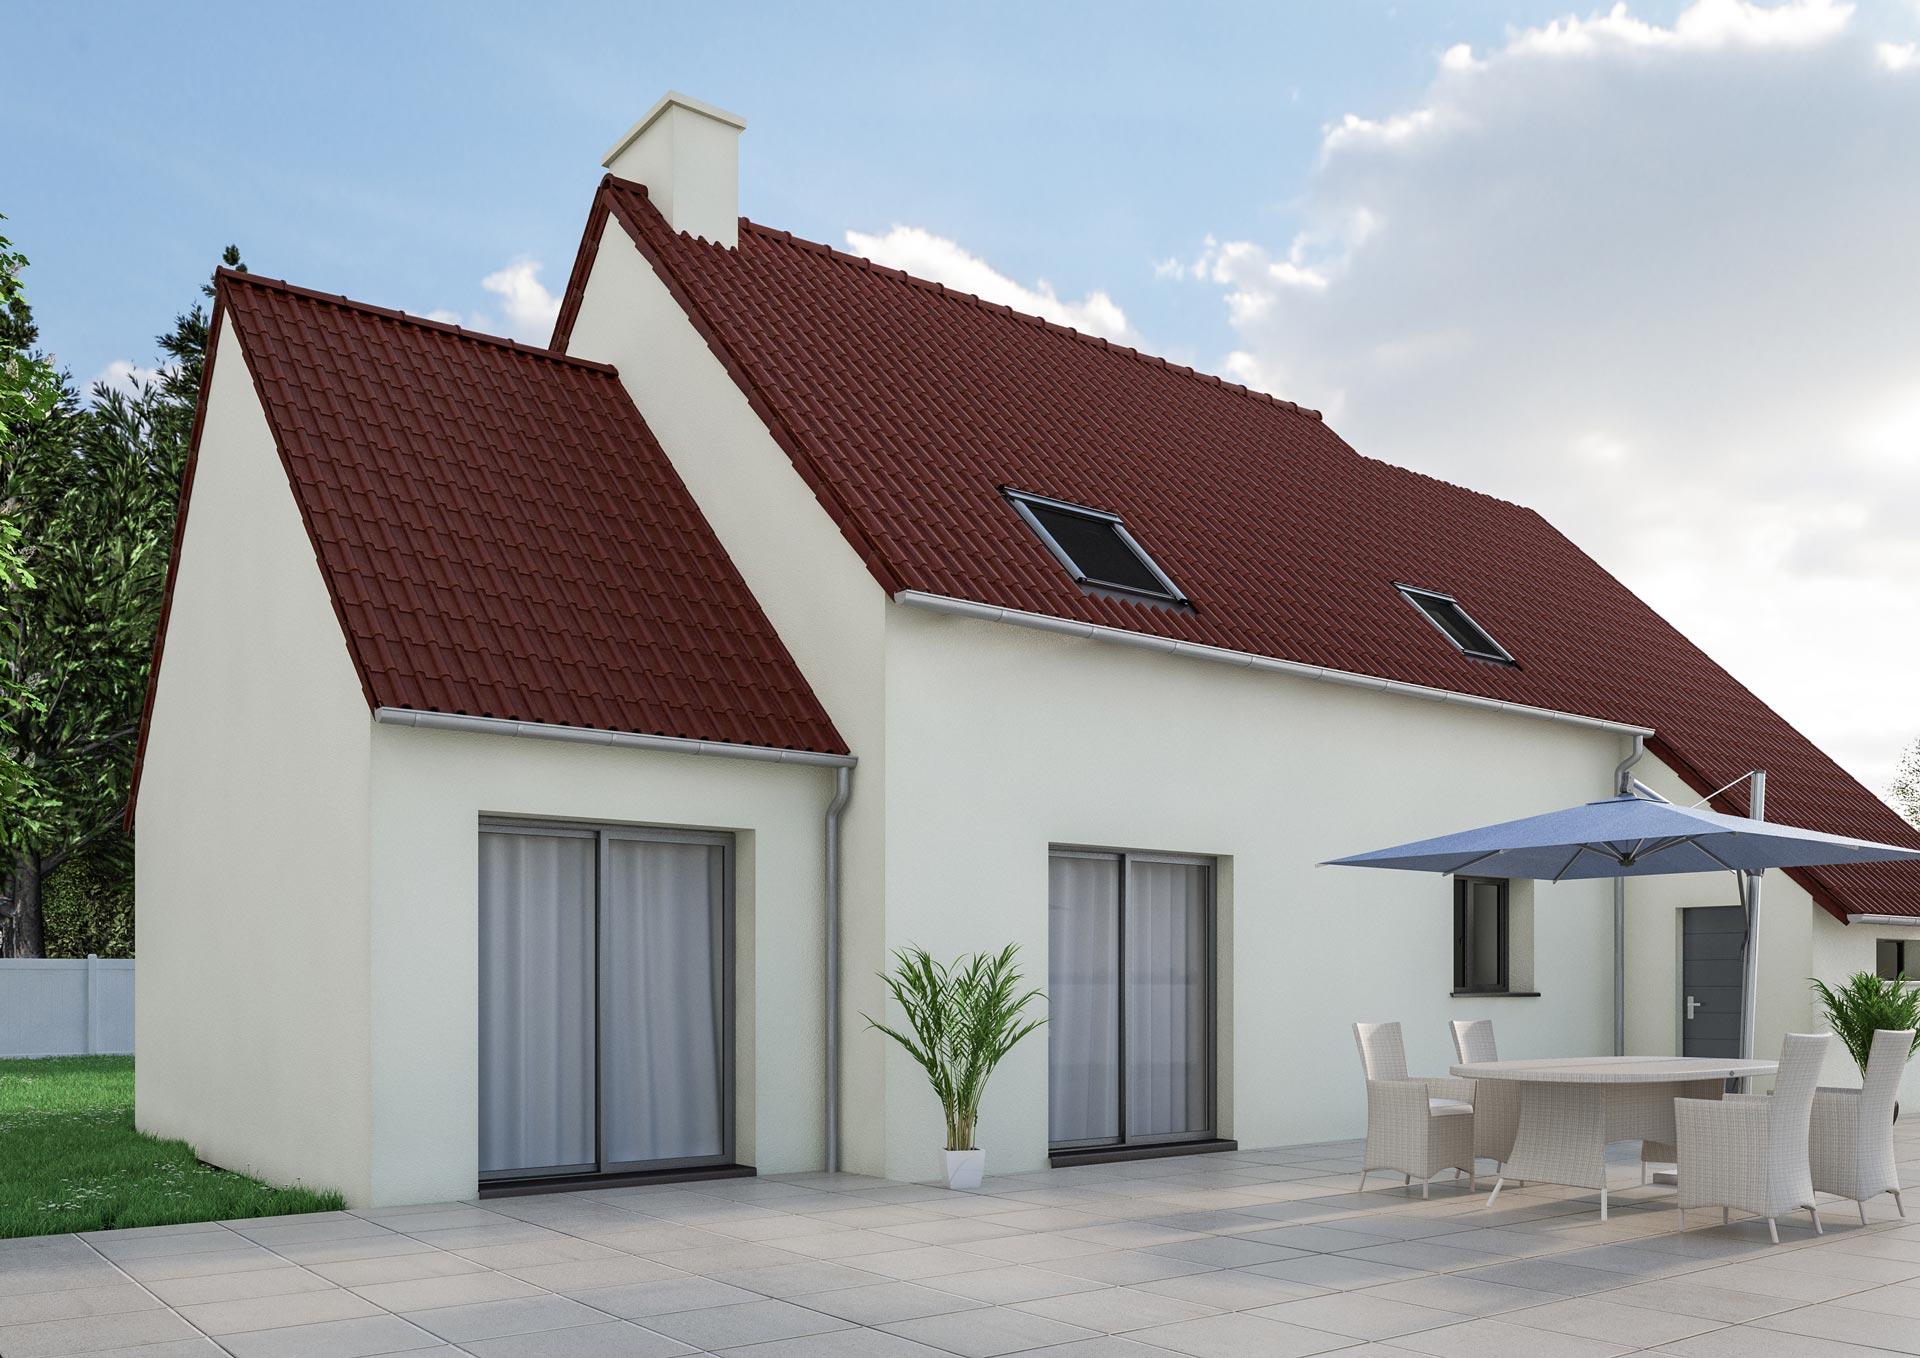 Extension maison petit prix 2 pente tuiles dream 2 cybel for Maison petit prix